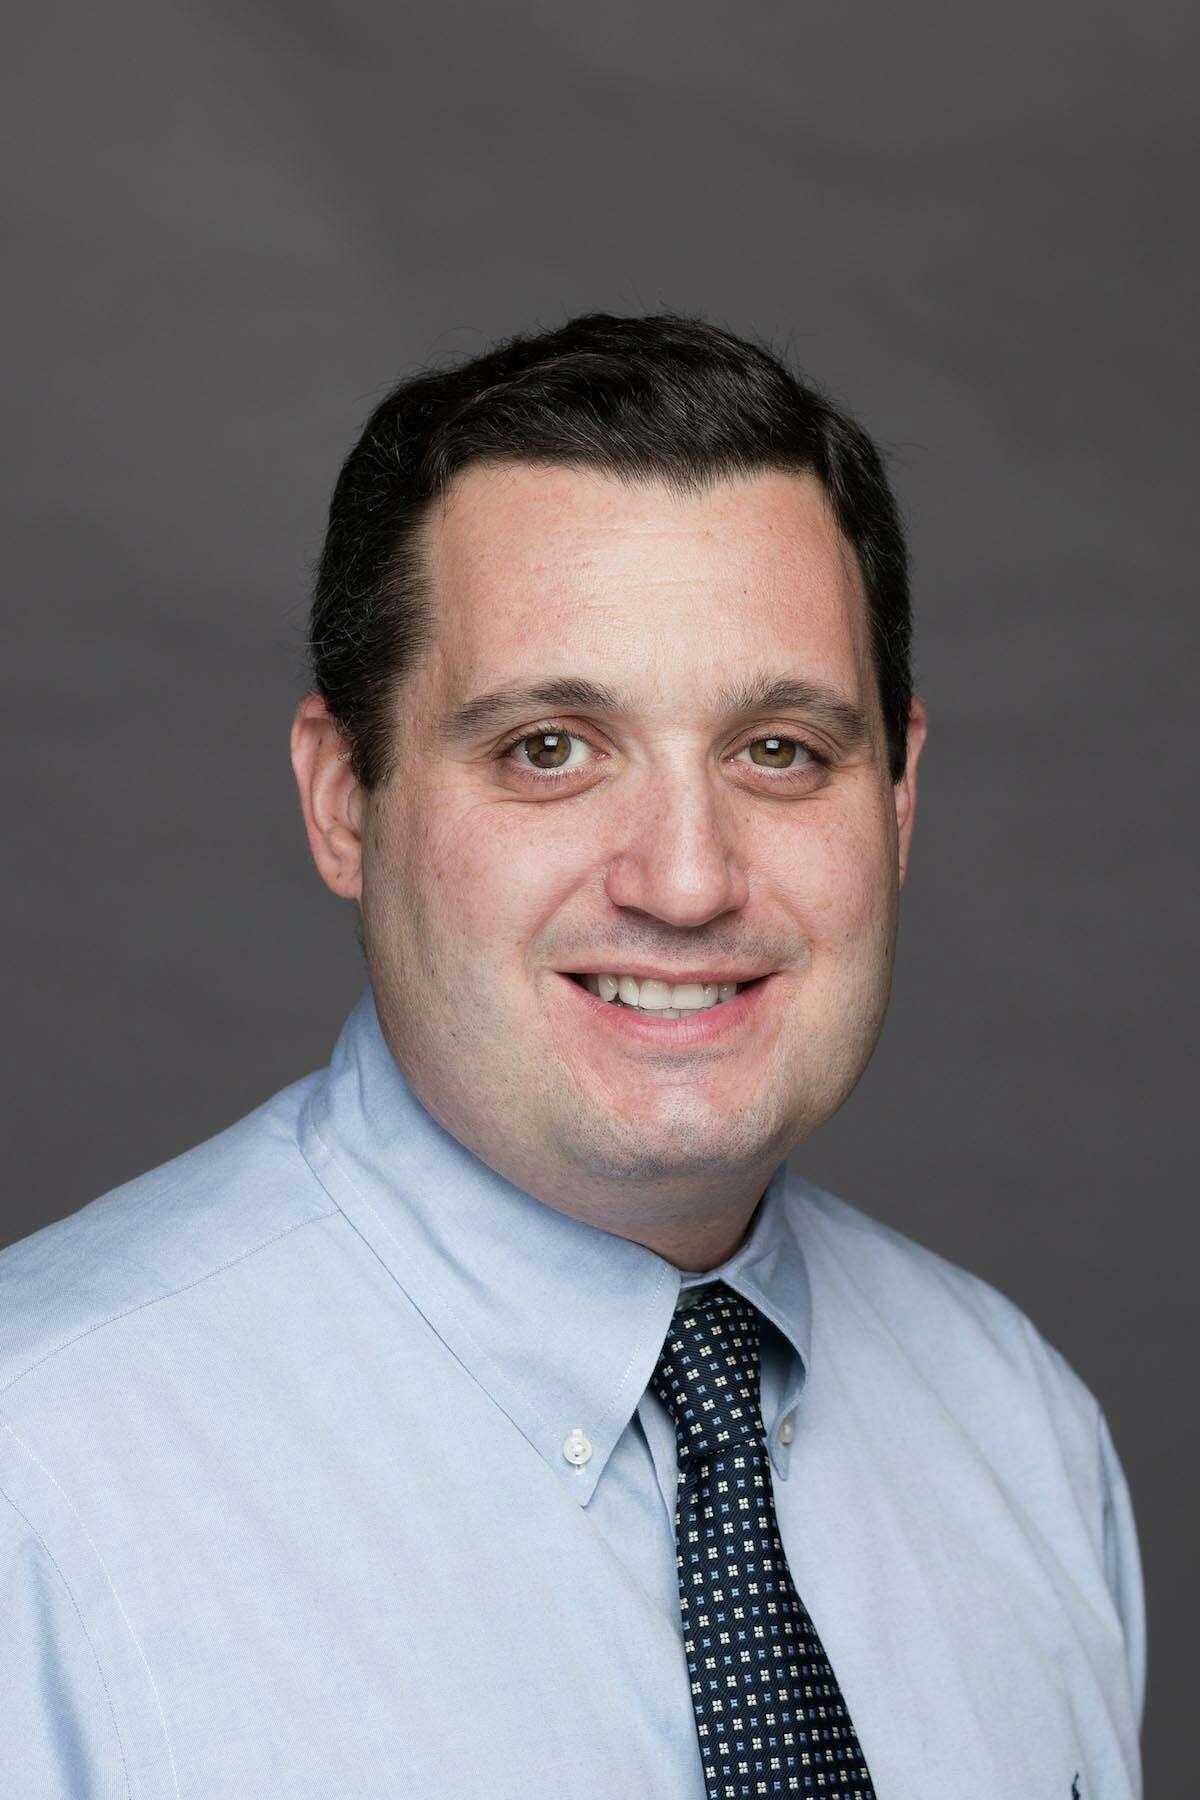 BenBogardus, assistant professor of journalism at Quinnipiac University